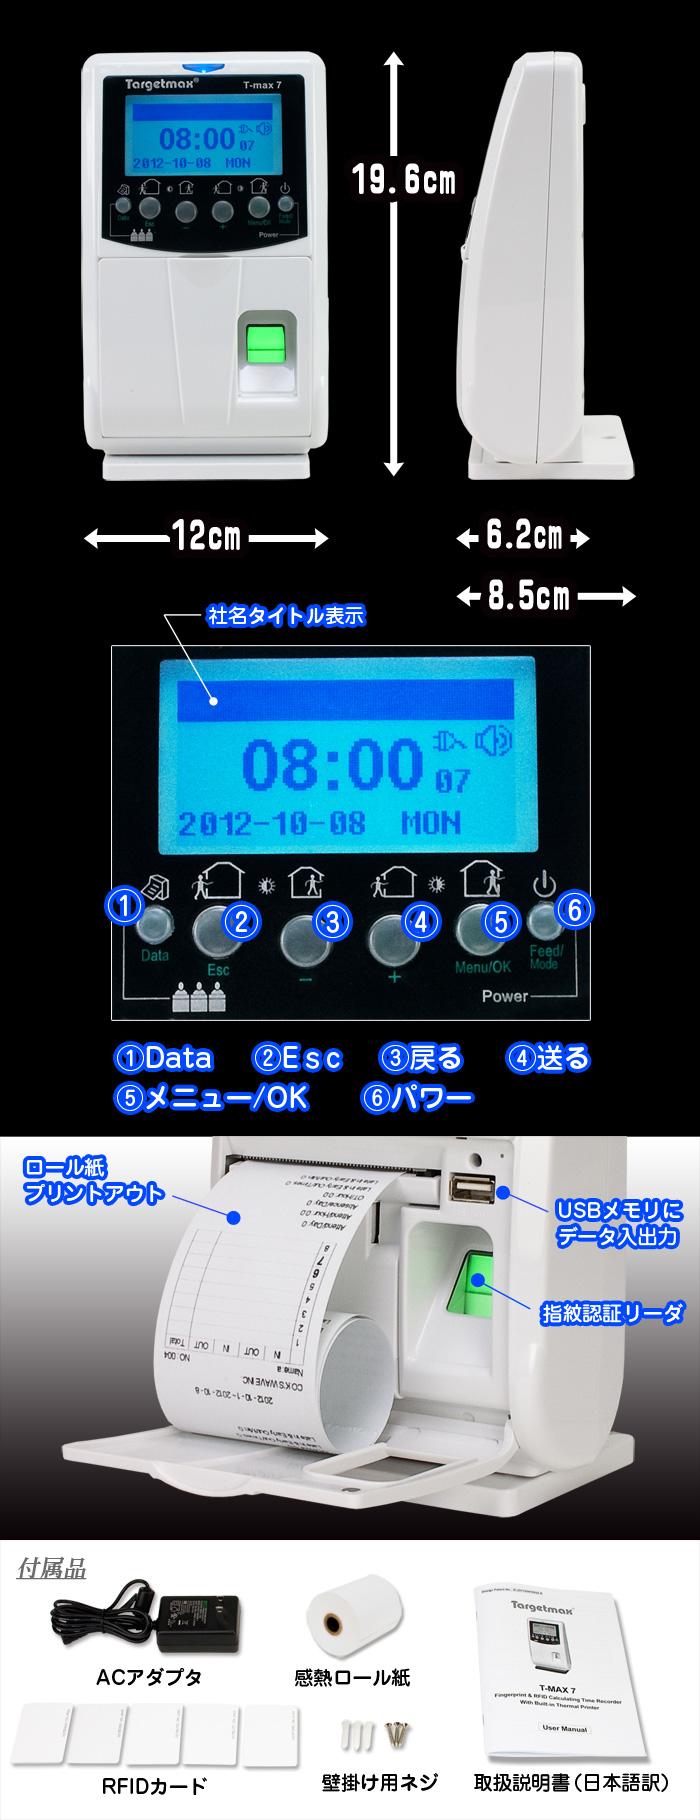 指紋認証タイムレコーダー【T-MAX7】各部詳細